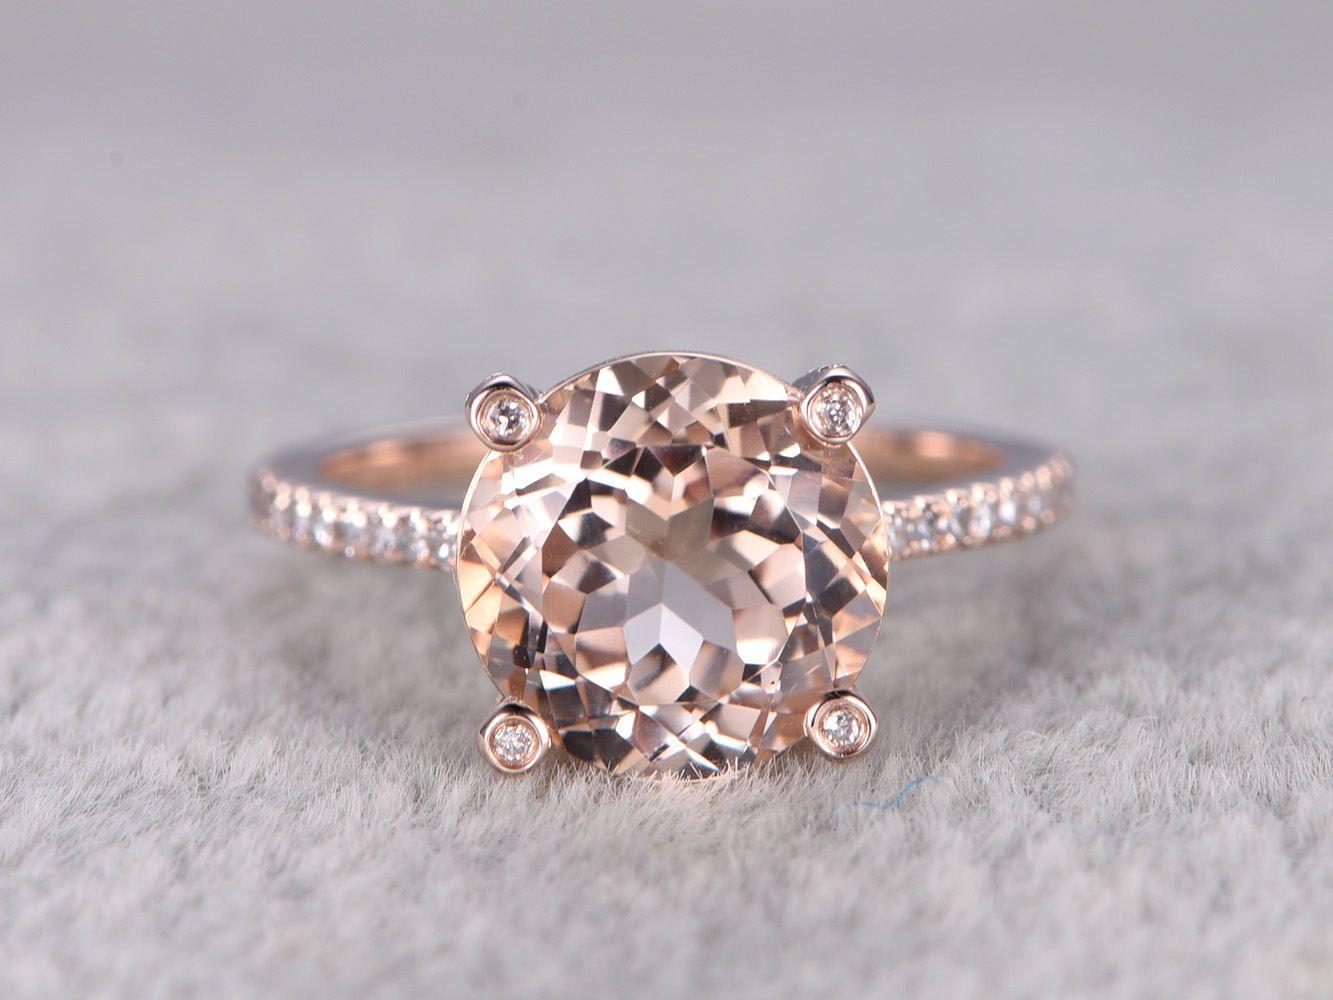 Morganite Engagement ring Rose gold,Diamond wedding band,14k,9mm ...